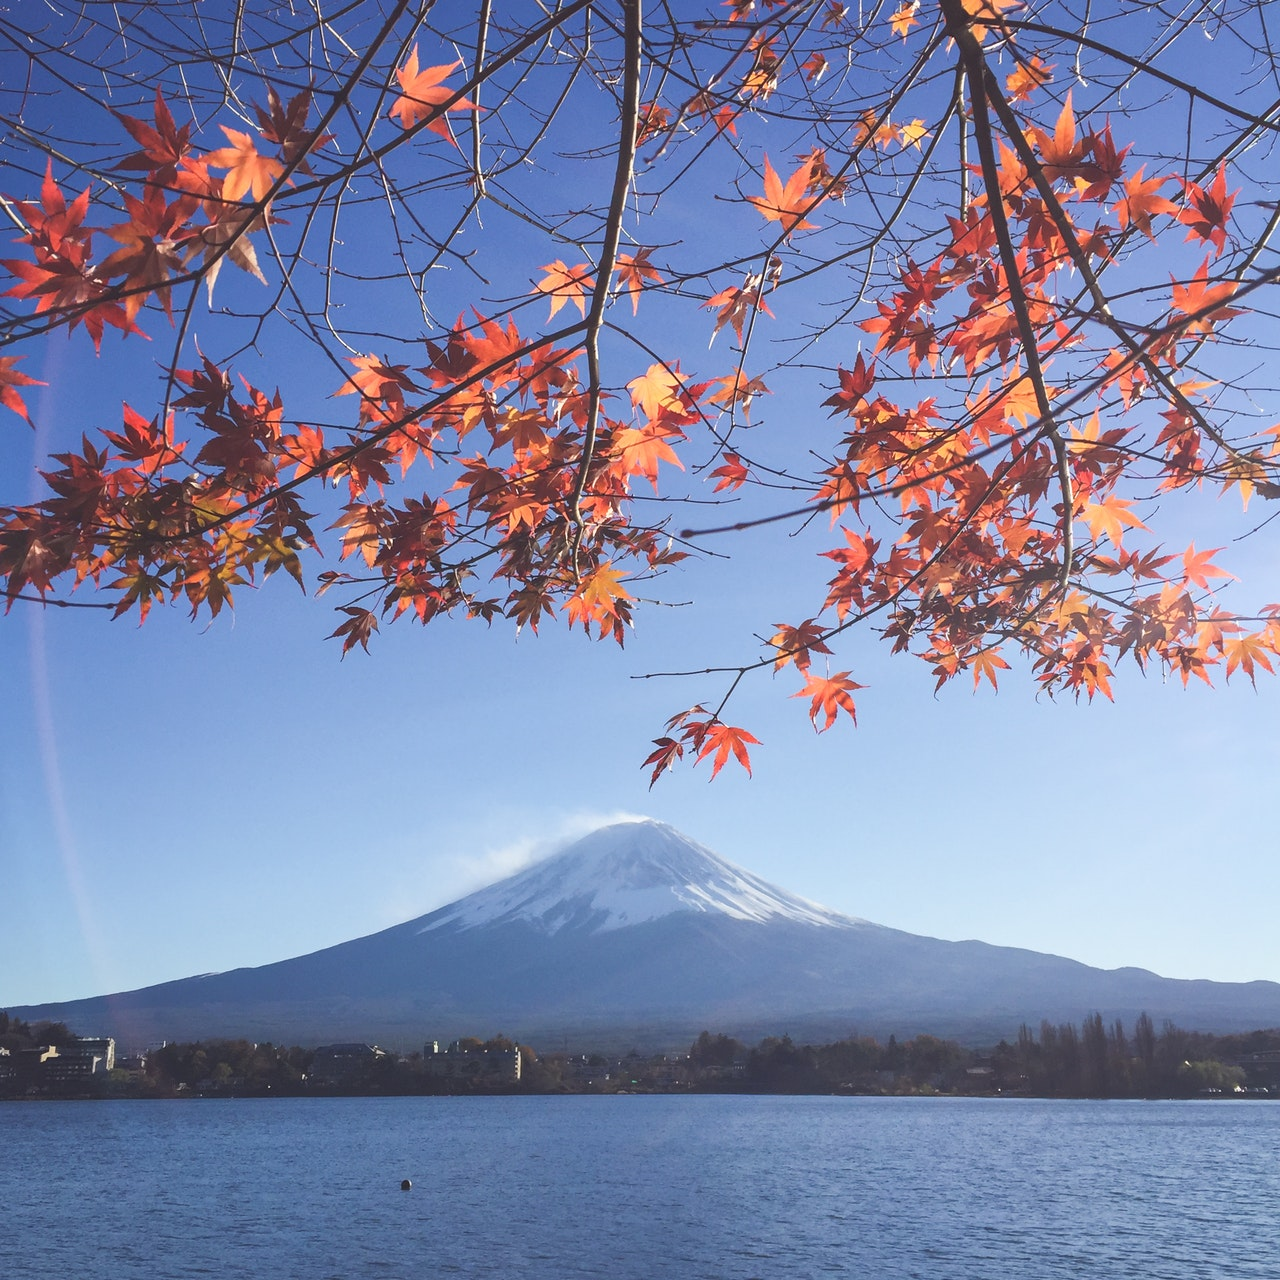 Mt Fuji on clear skies